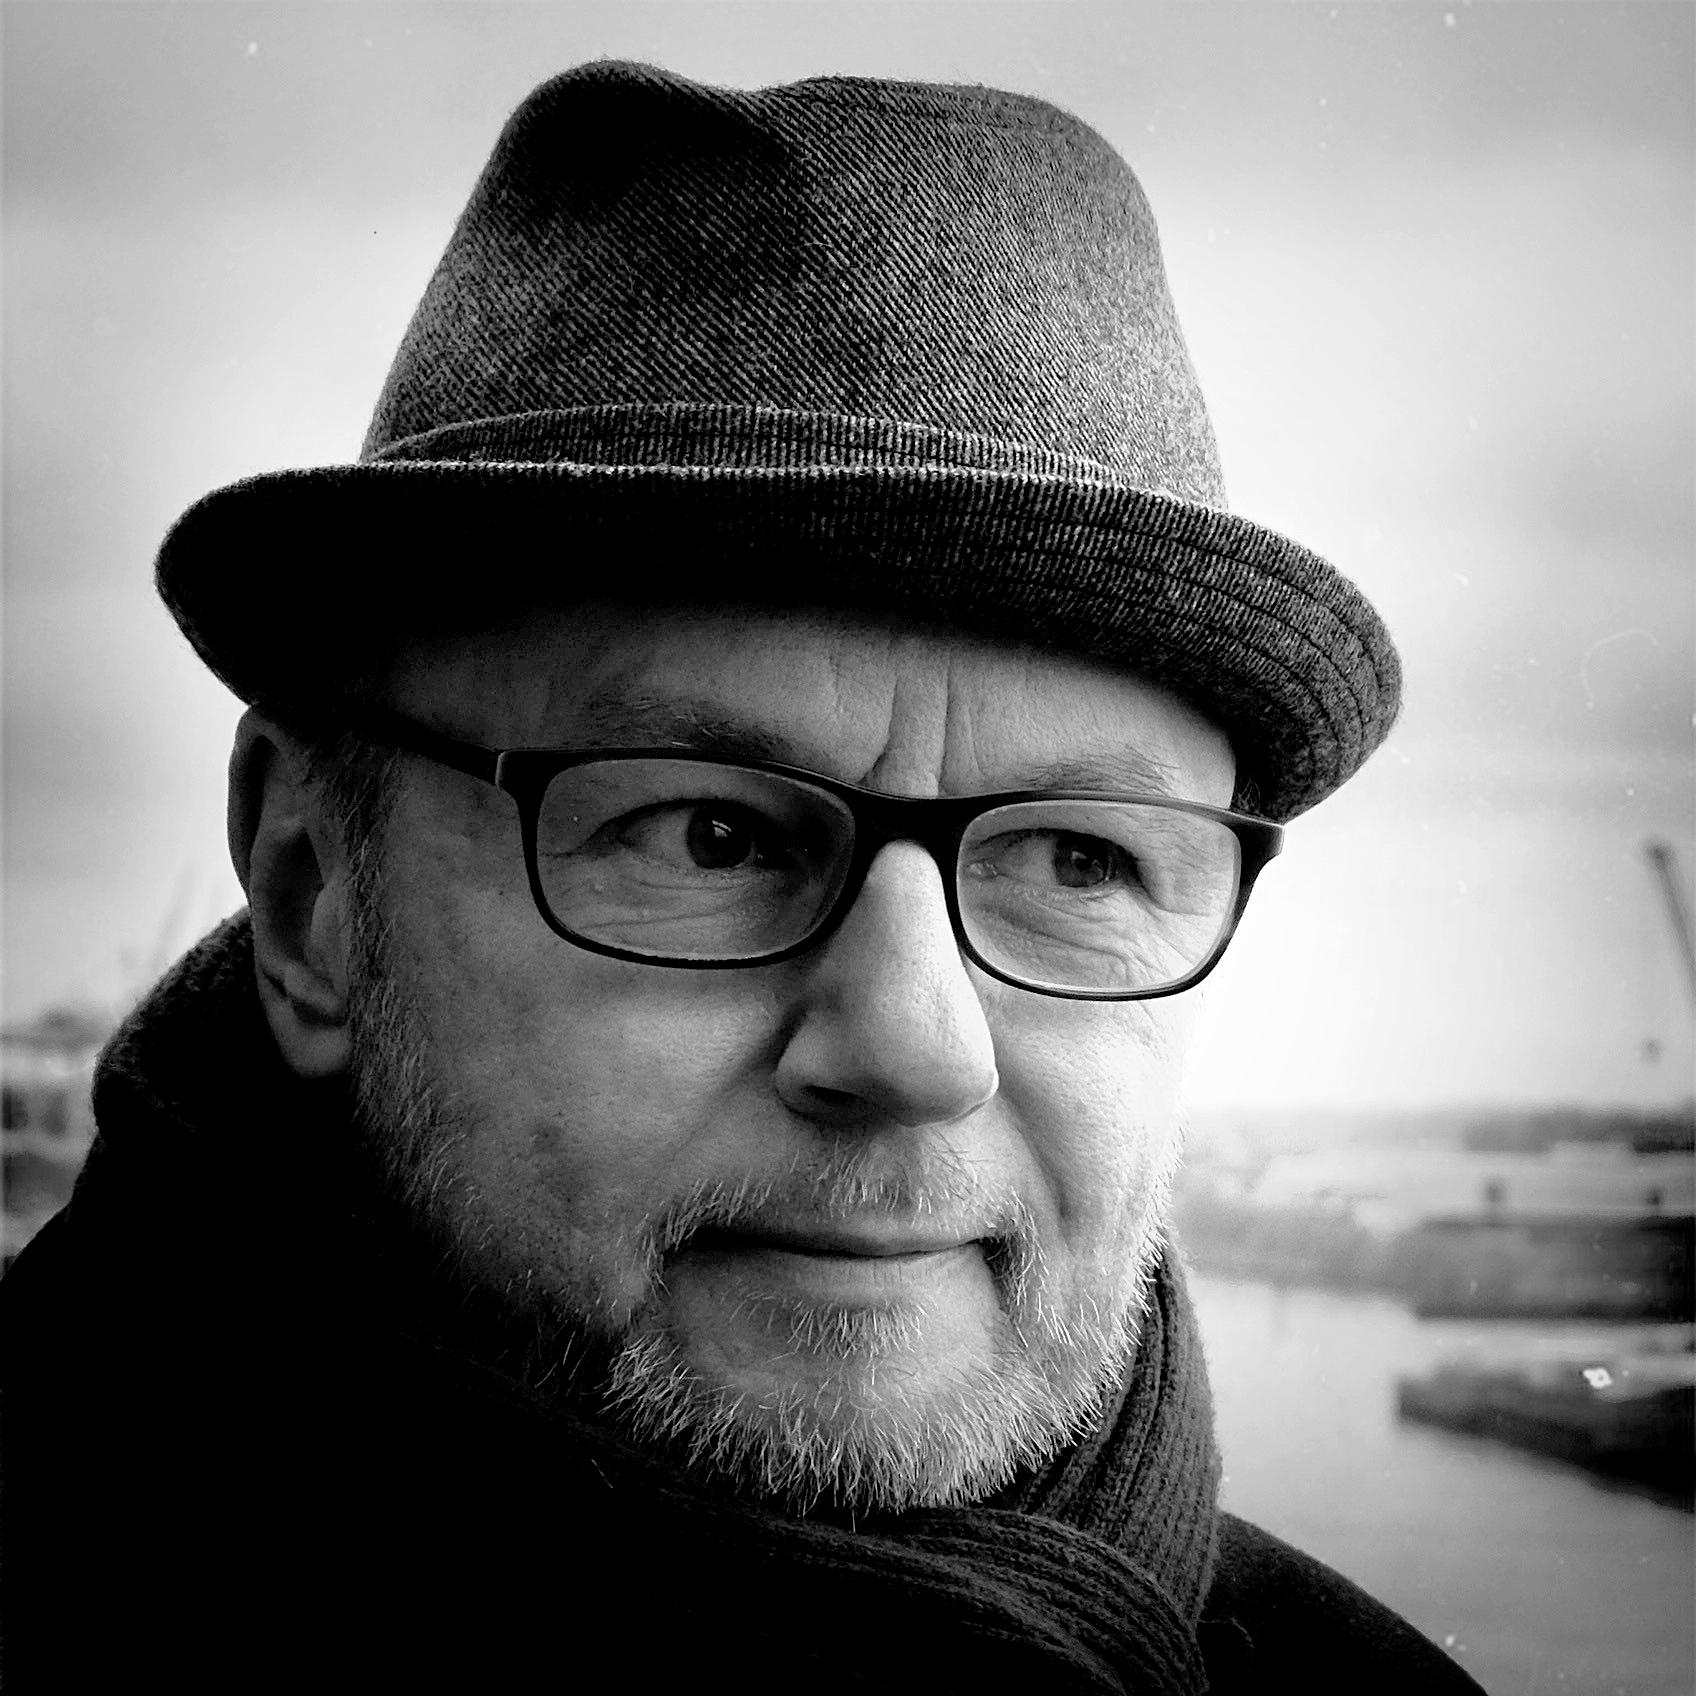 Karl Ludger Menke